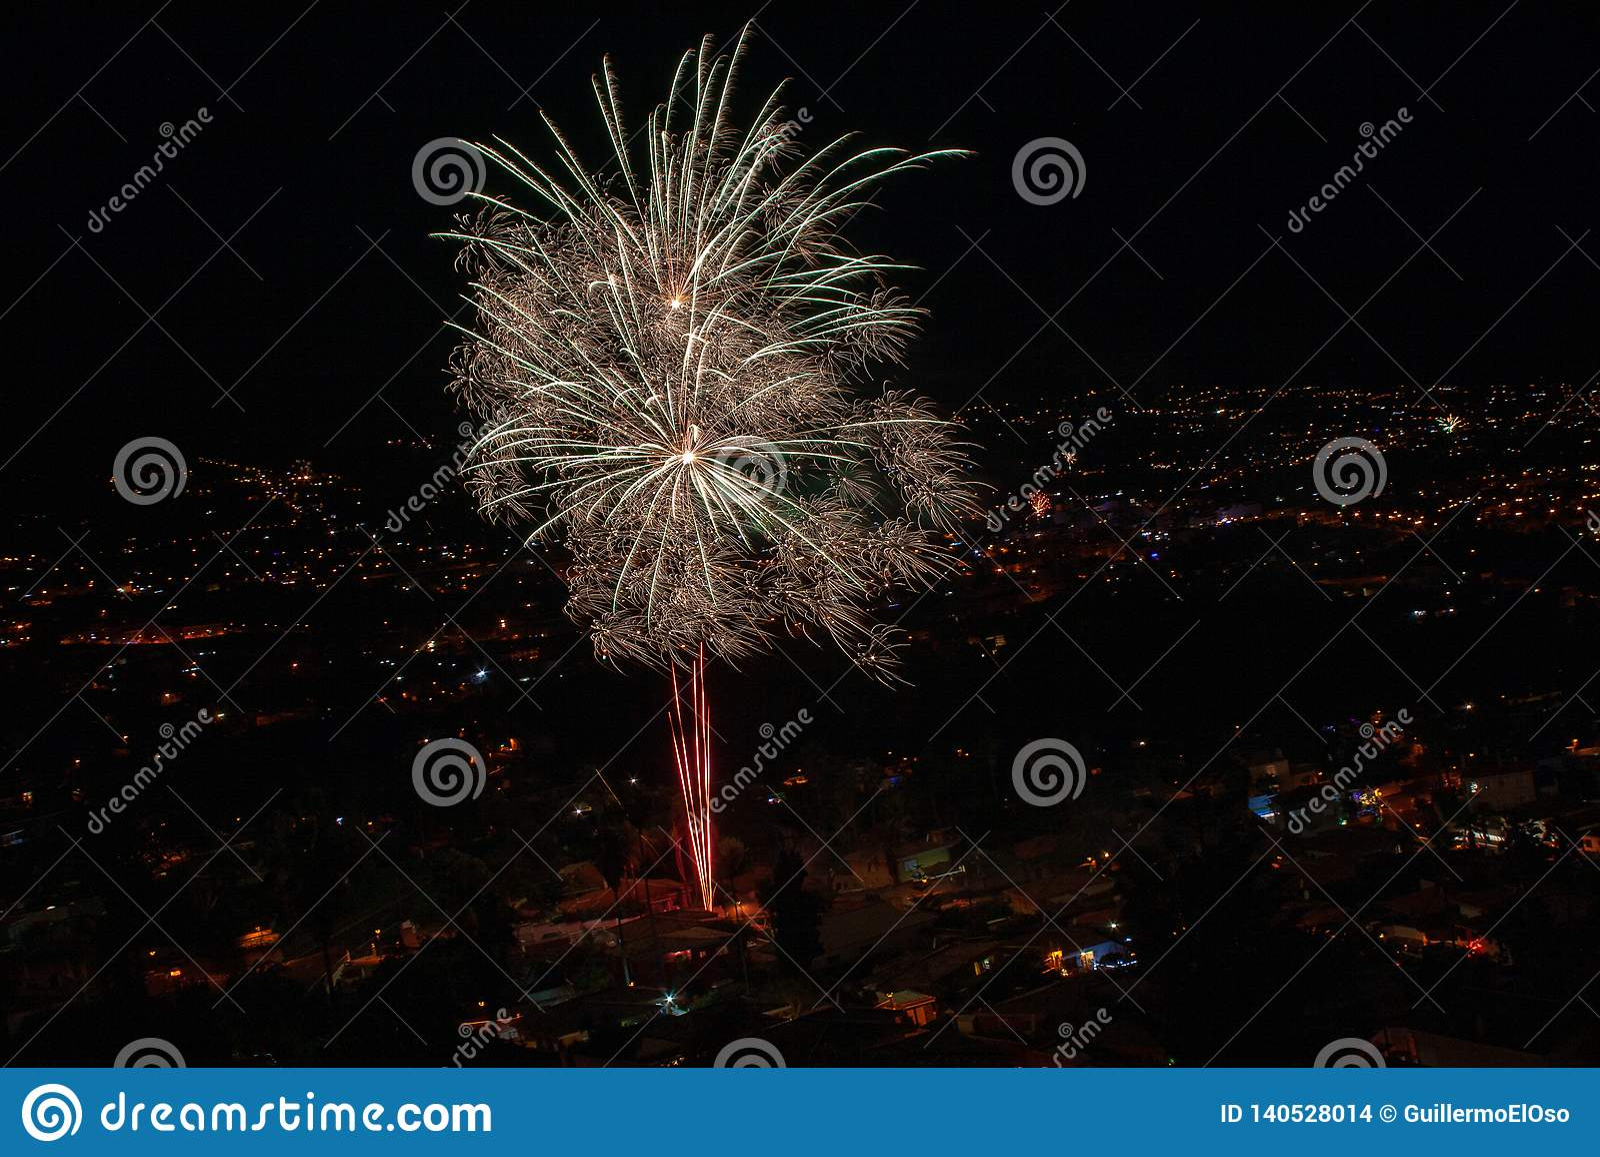 Große Feuerwerke über einer Stadt bis zum Nacht